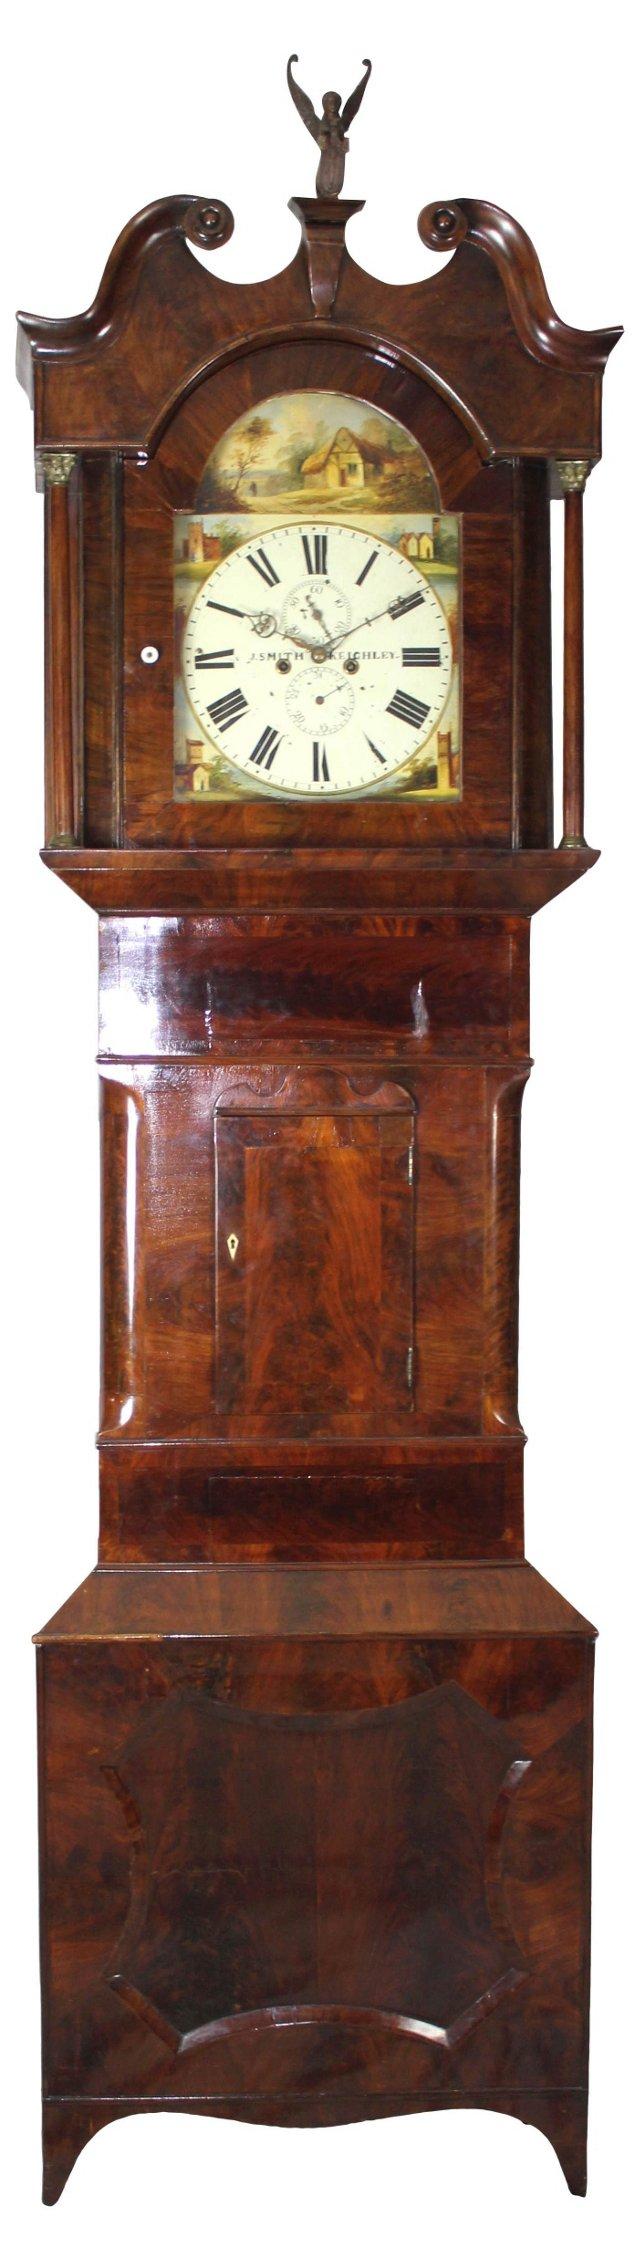 George III Grandfather Clock